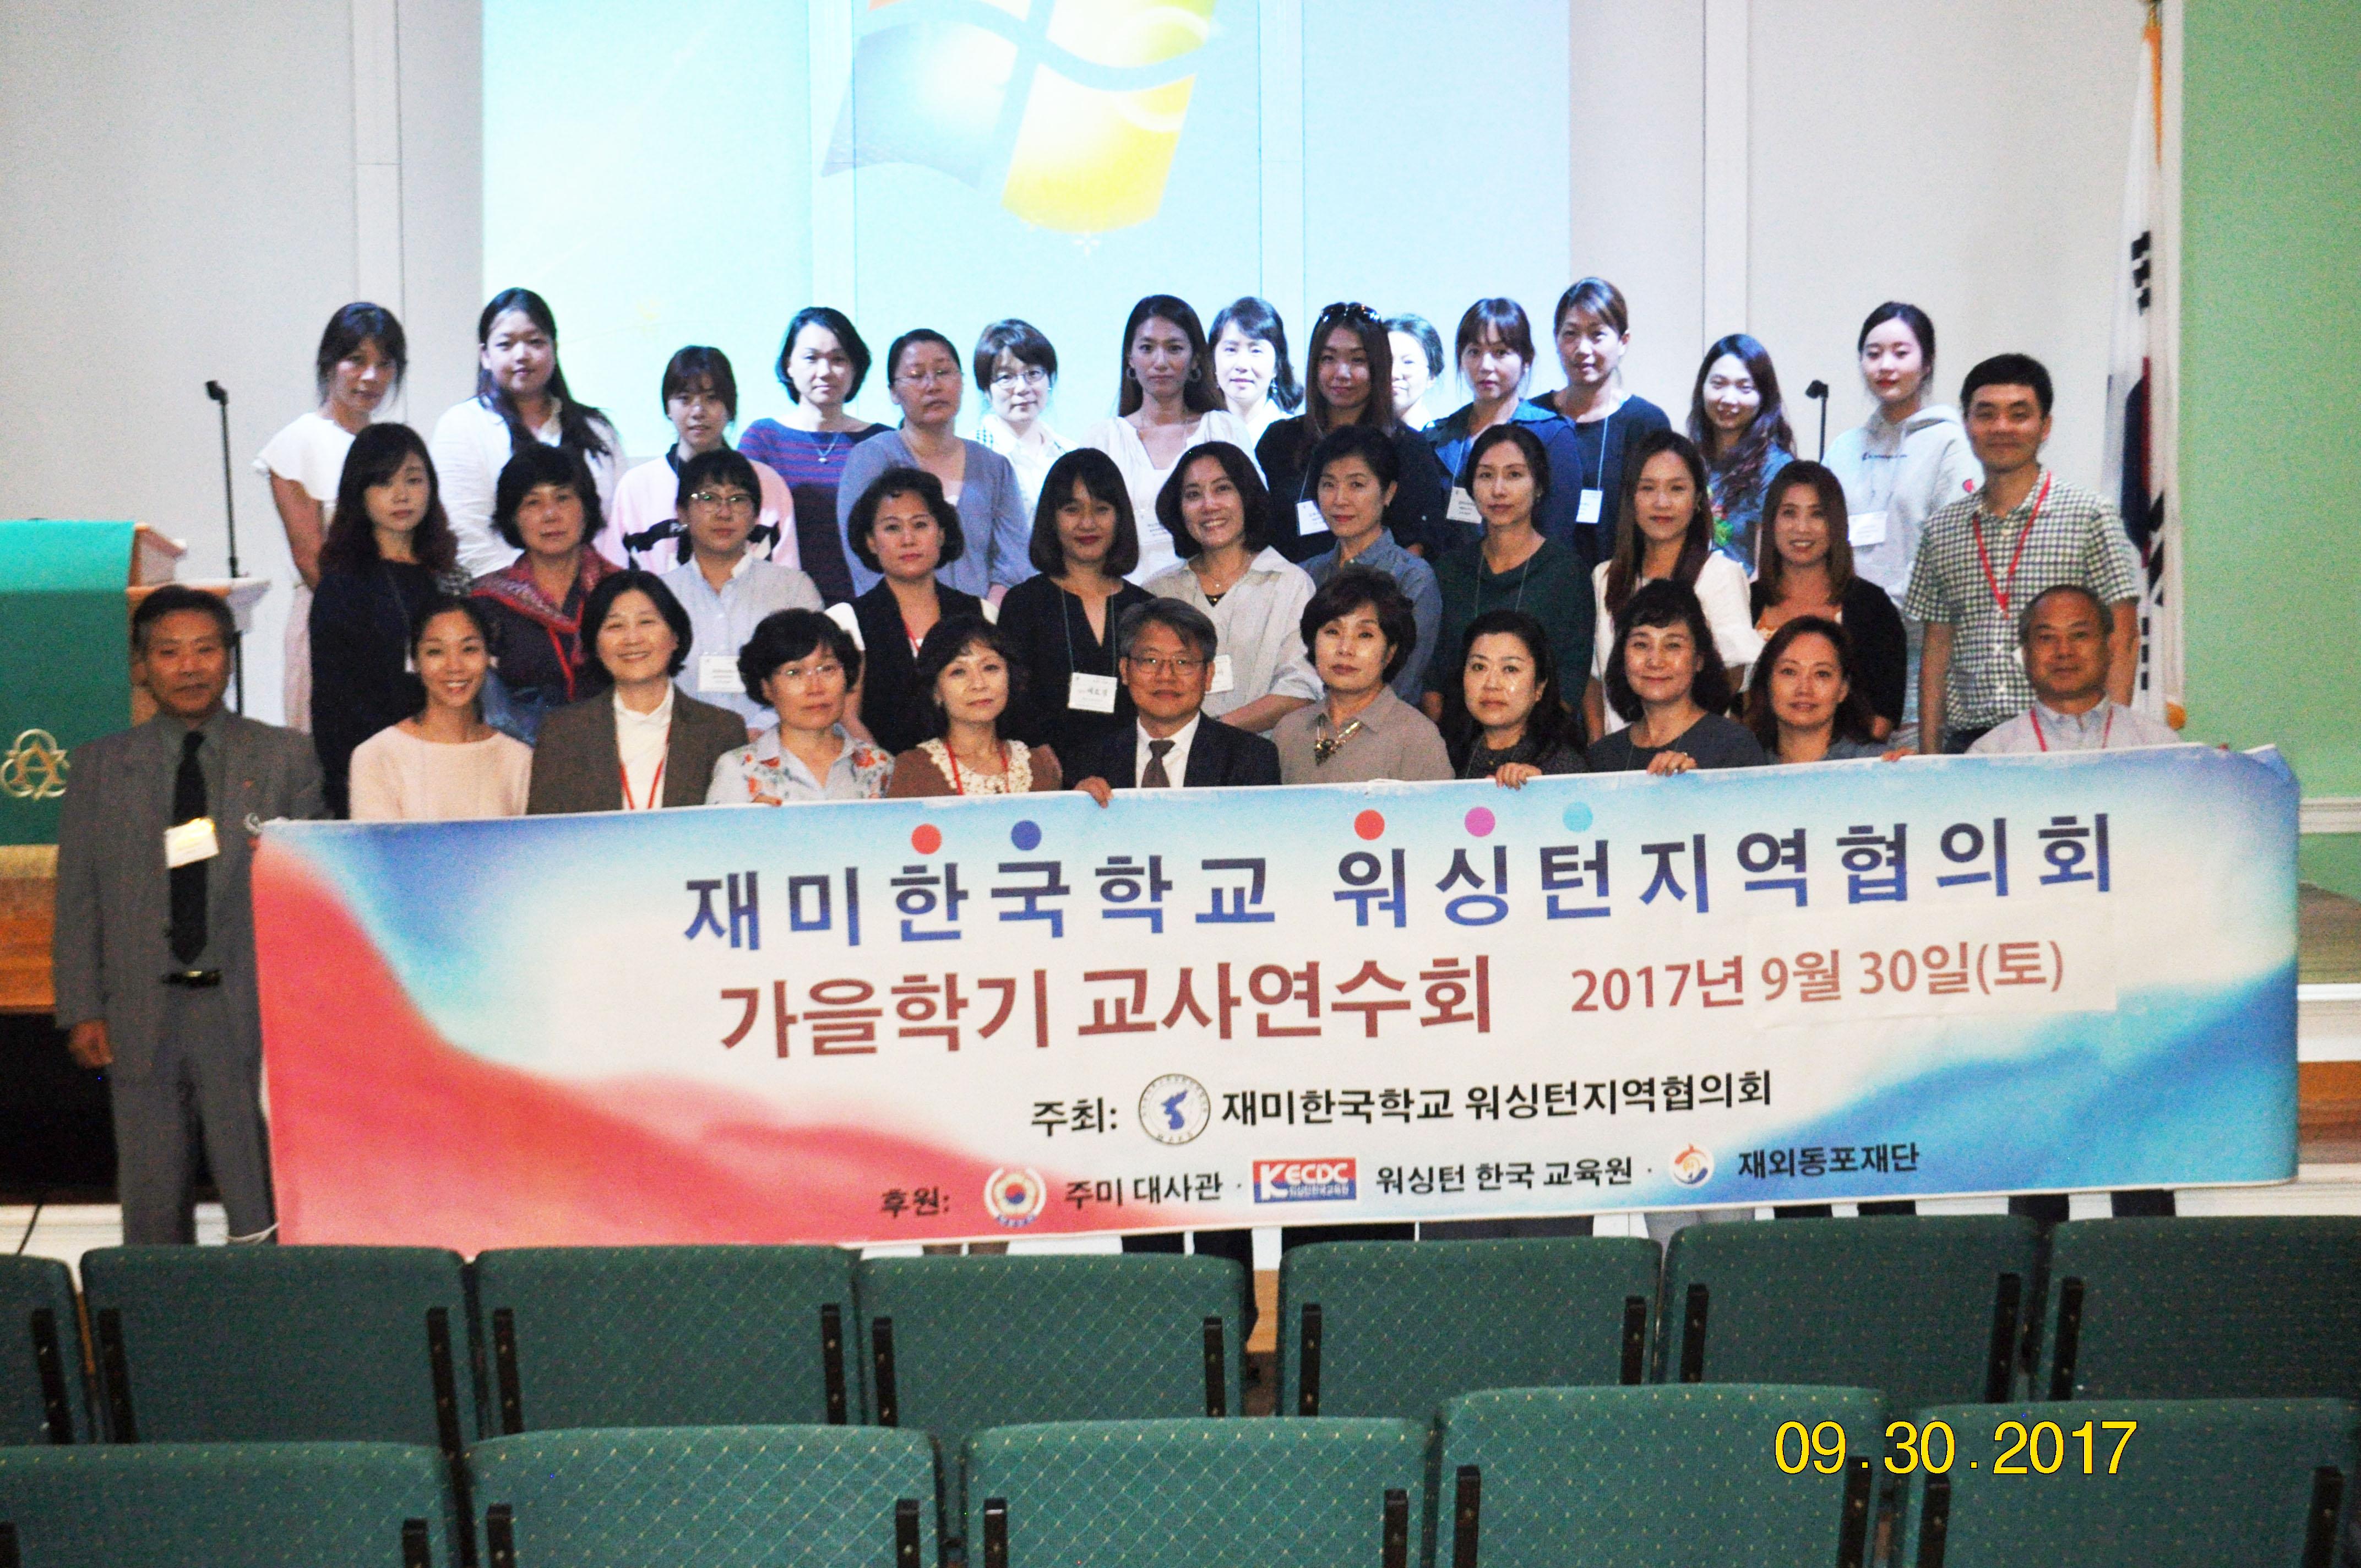 2017 WAKS 남부 교사연수회 단체사진.jpg